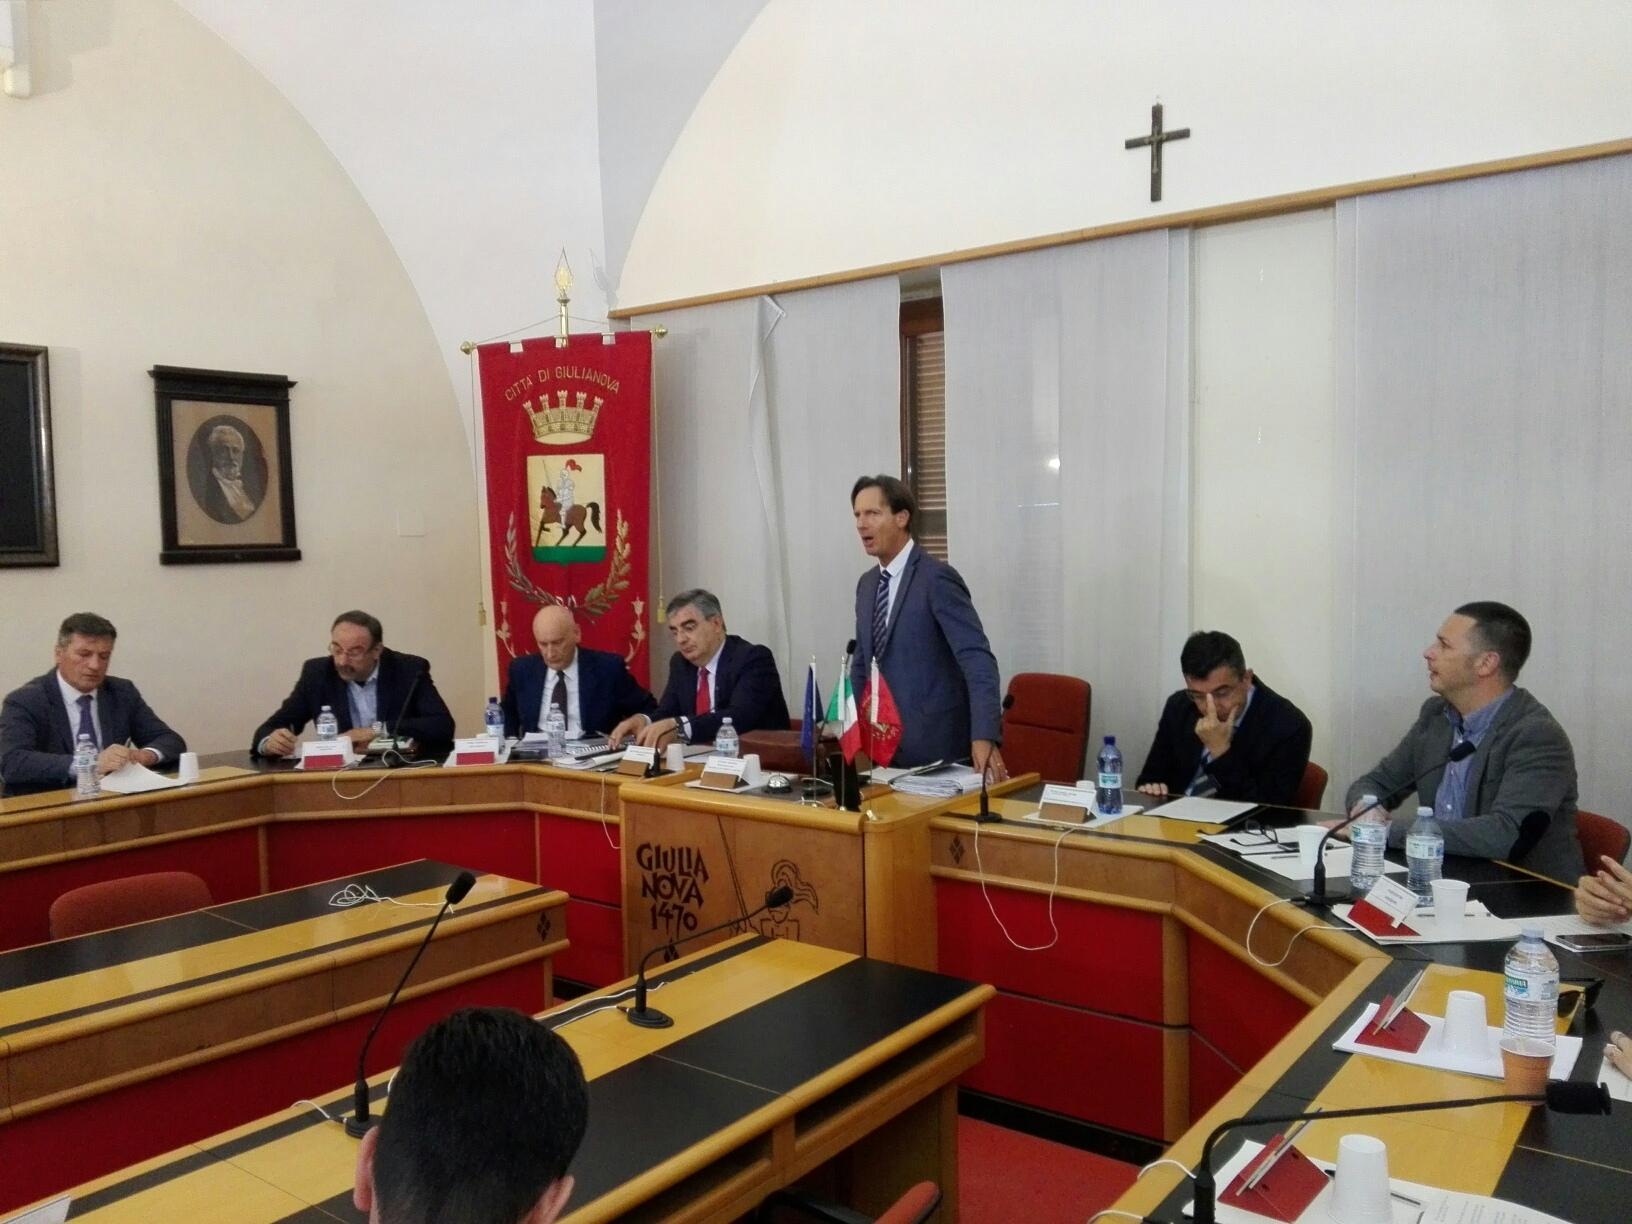 Ospedale costiero:il Presidente D'Alfonso sarà a Giulianova il 30 ottobre